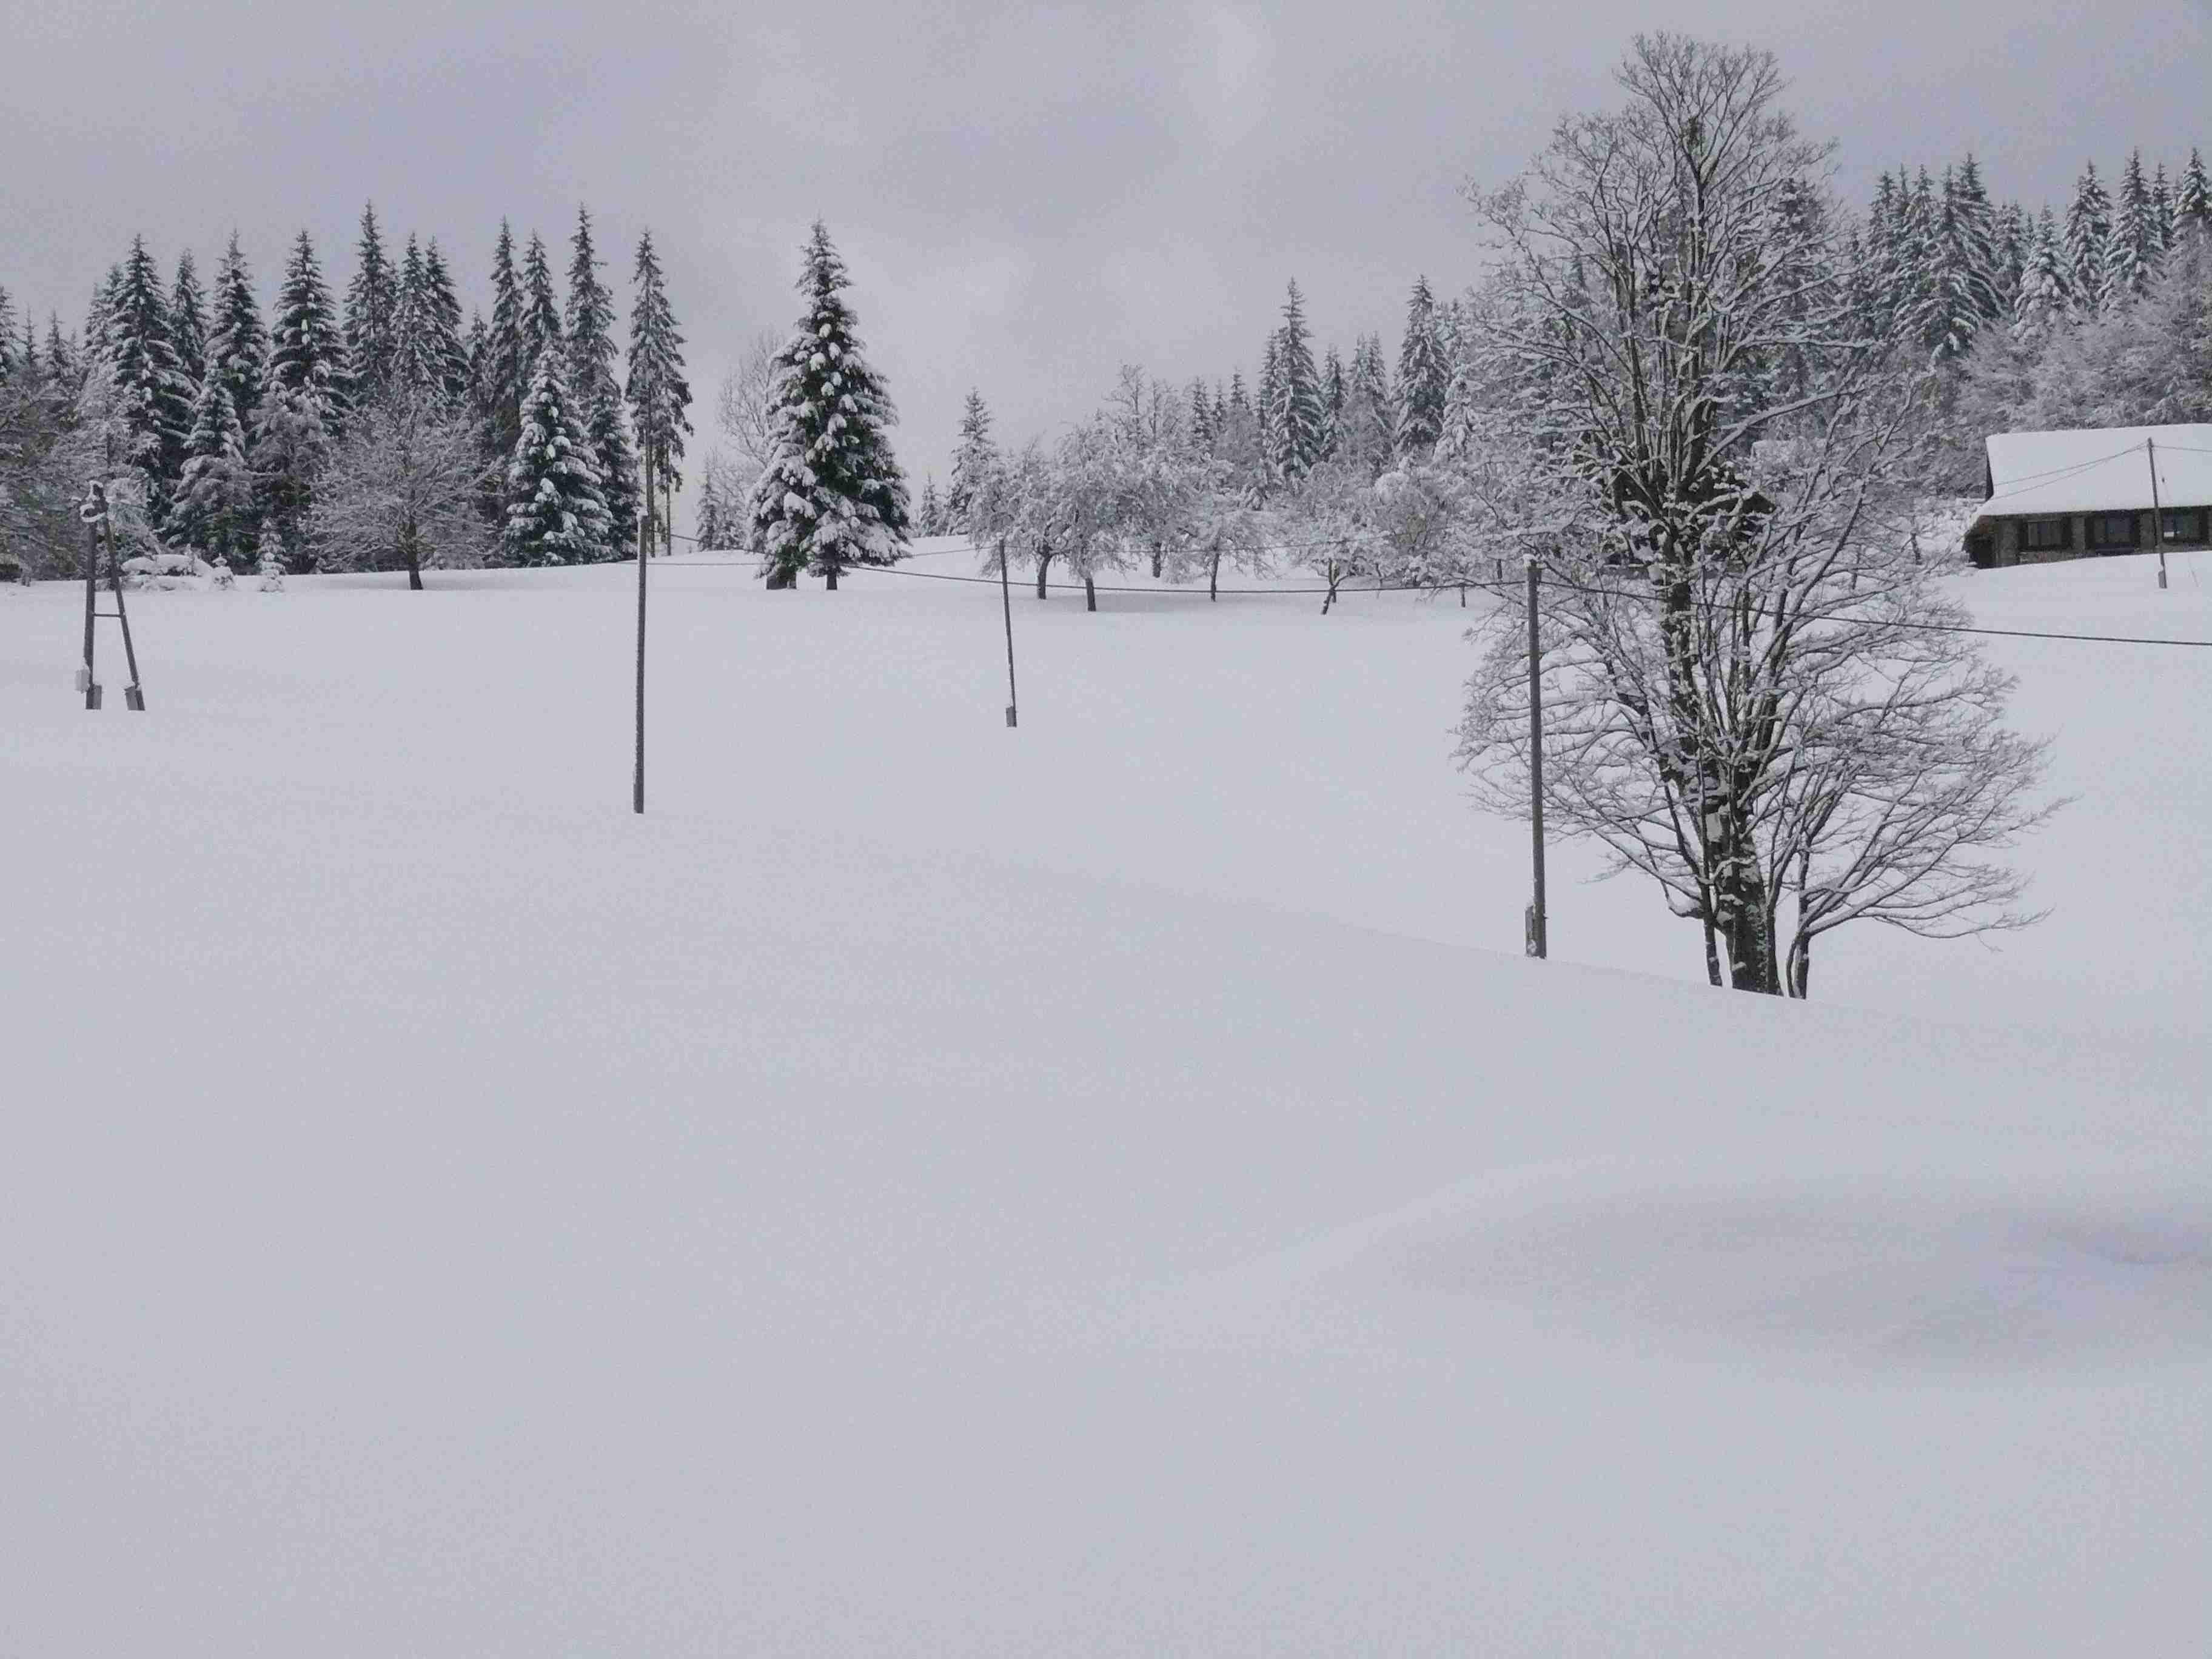 zasněžený kopec (sněhu po zadek)